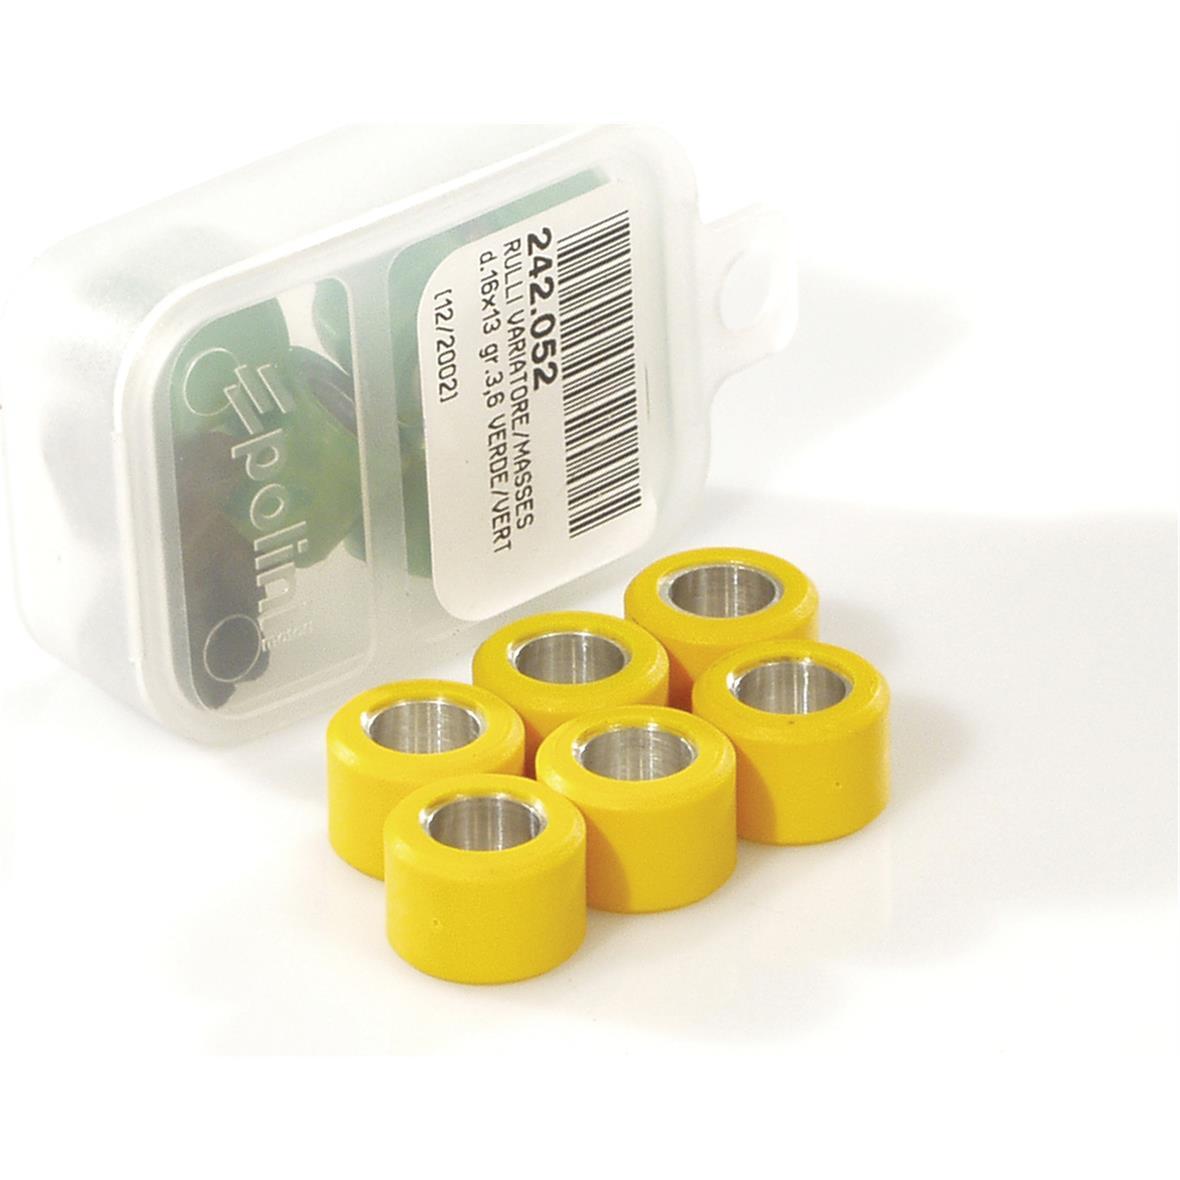 Productafbeelding voor 'Variateur Rollen POLINI 15x12 mm 3,7 gramTitle'